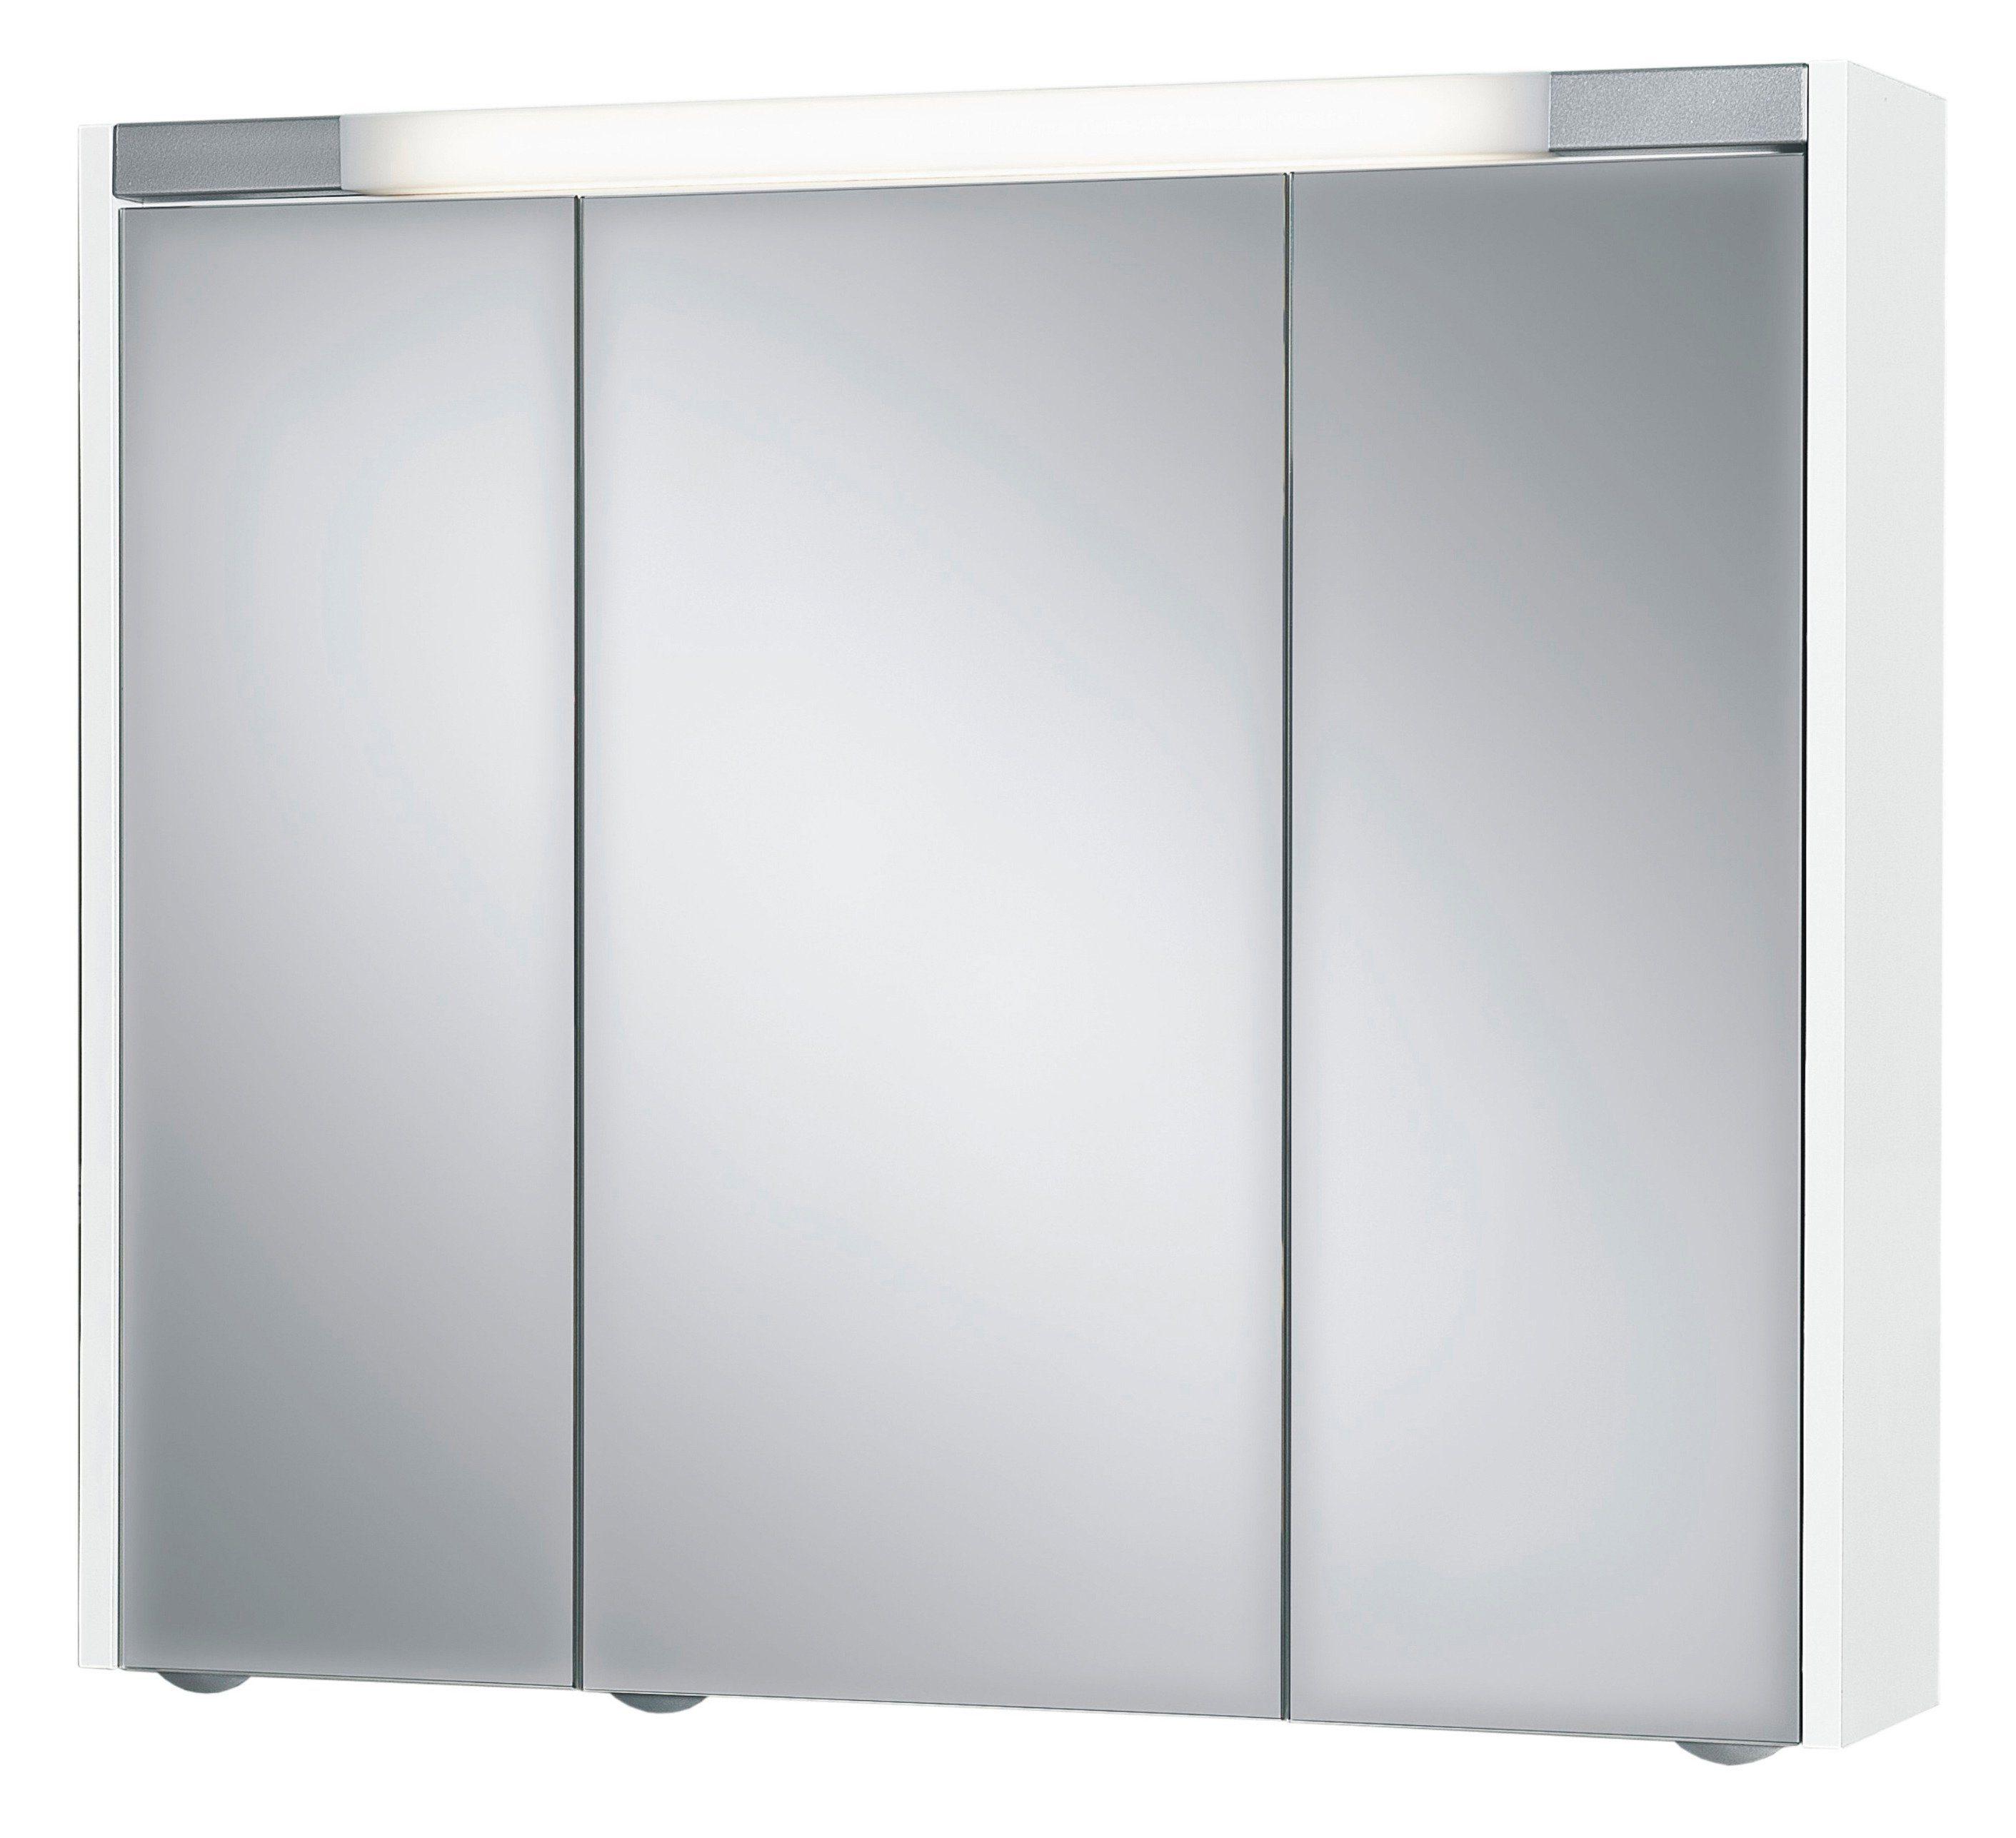 Jokey Spiegelschrank »Sarto III« Breite 80 cm, mit Beleuchtung